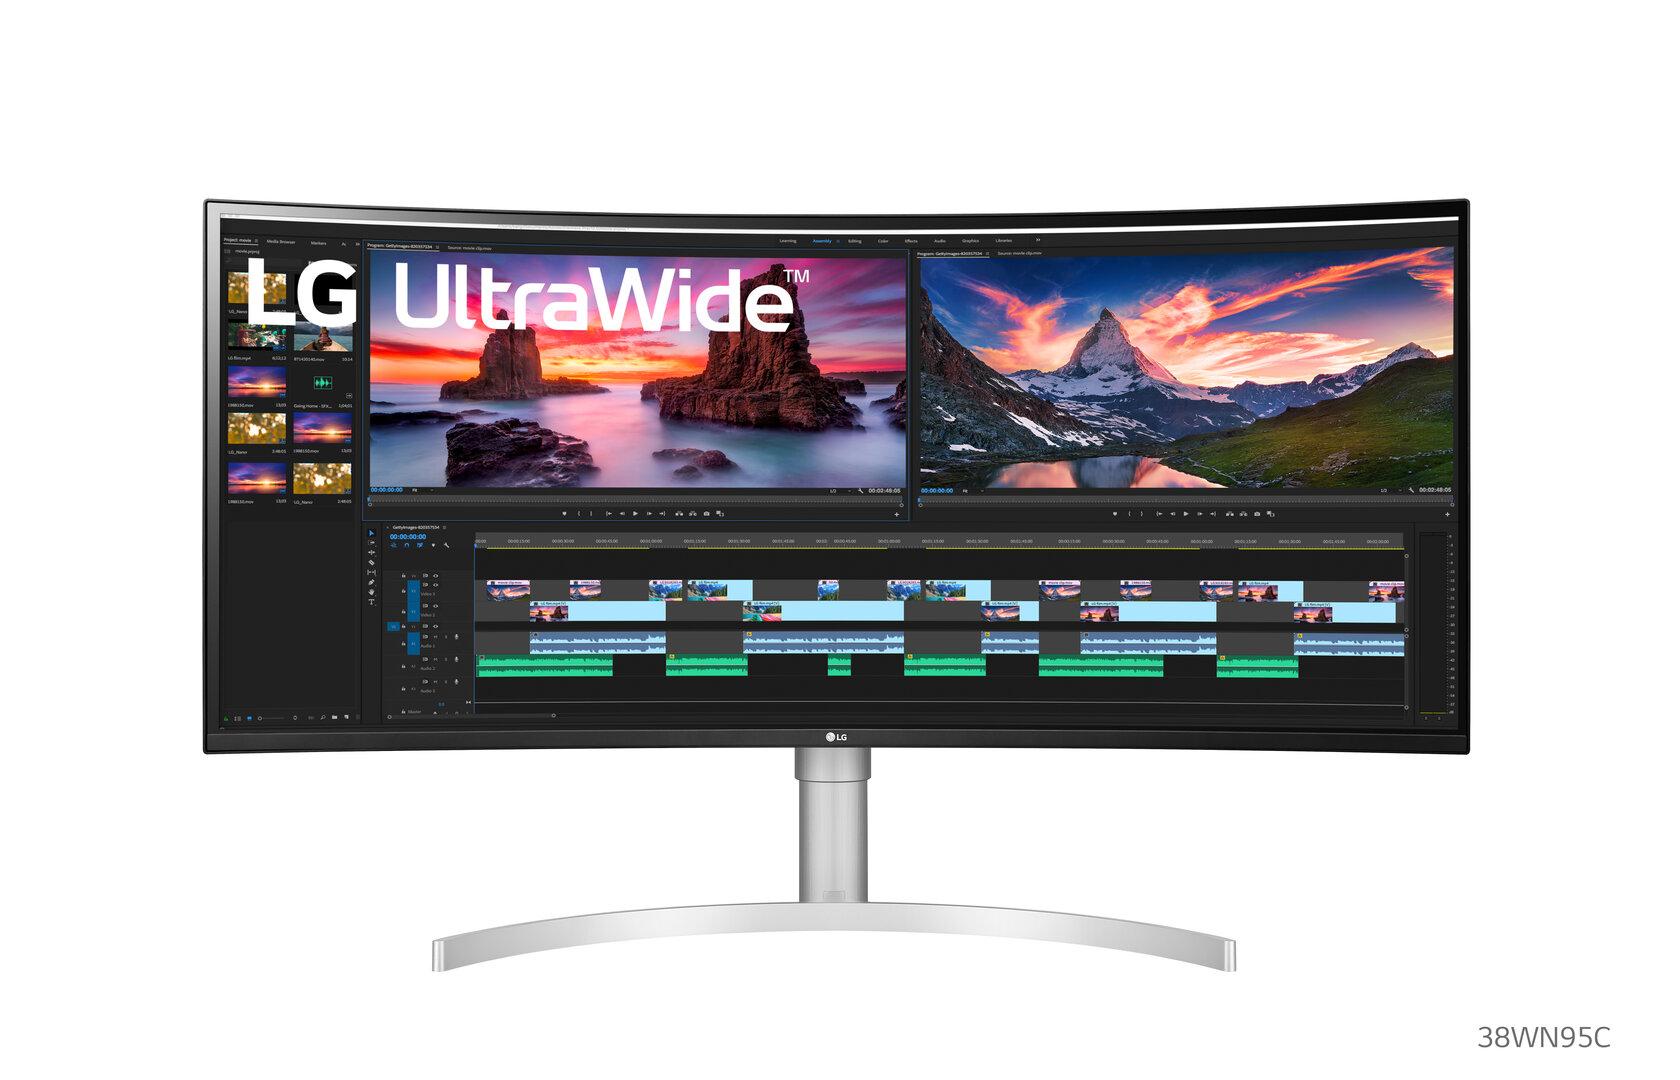 LG UltraWide 38WN95C